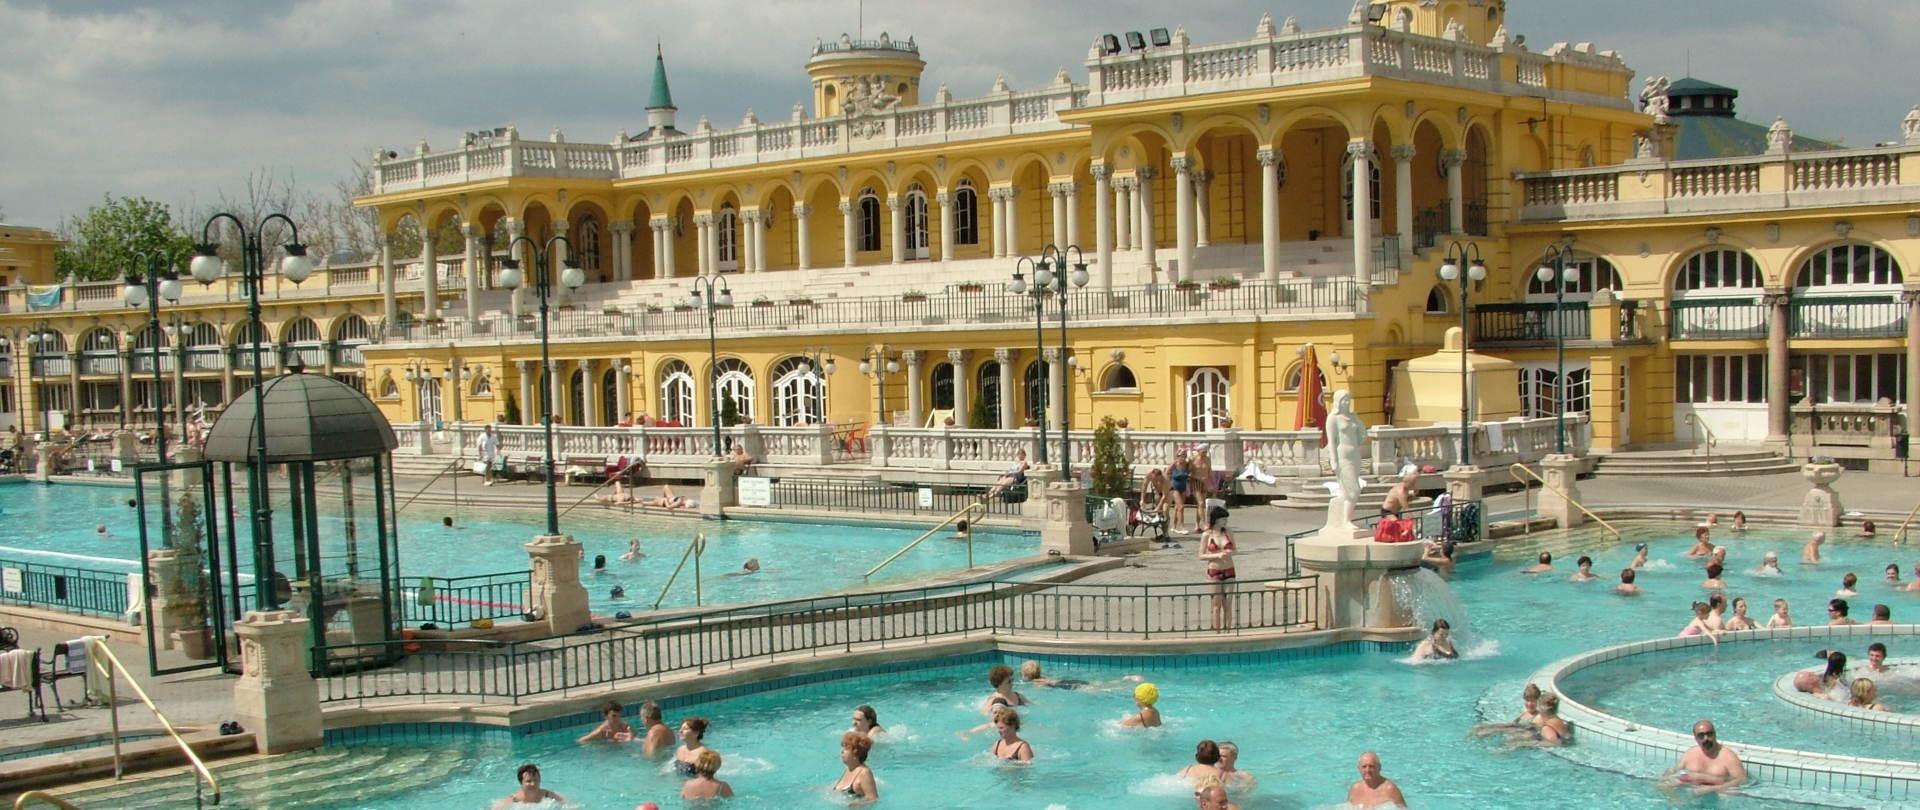 Gellért Thermal Bath - Budapest - City of Spas